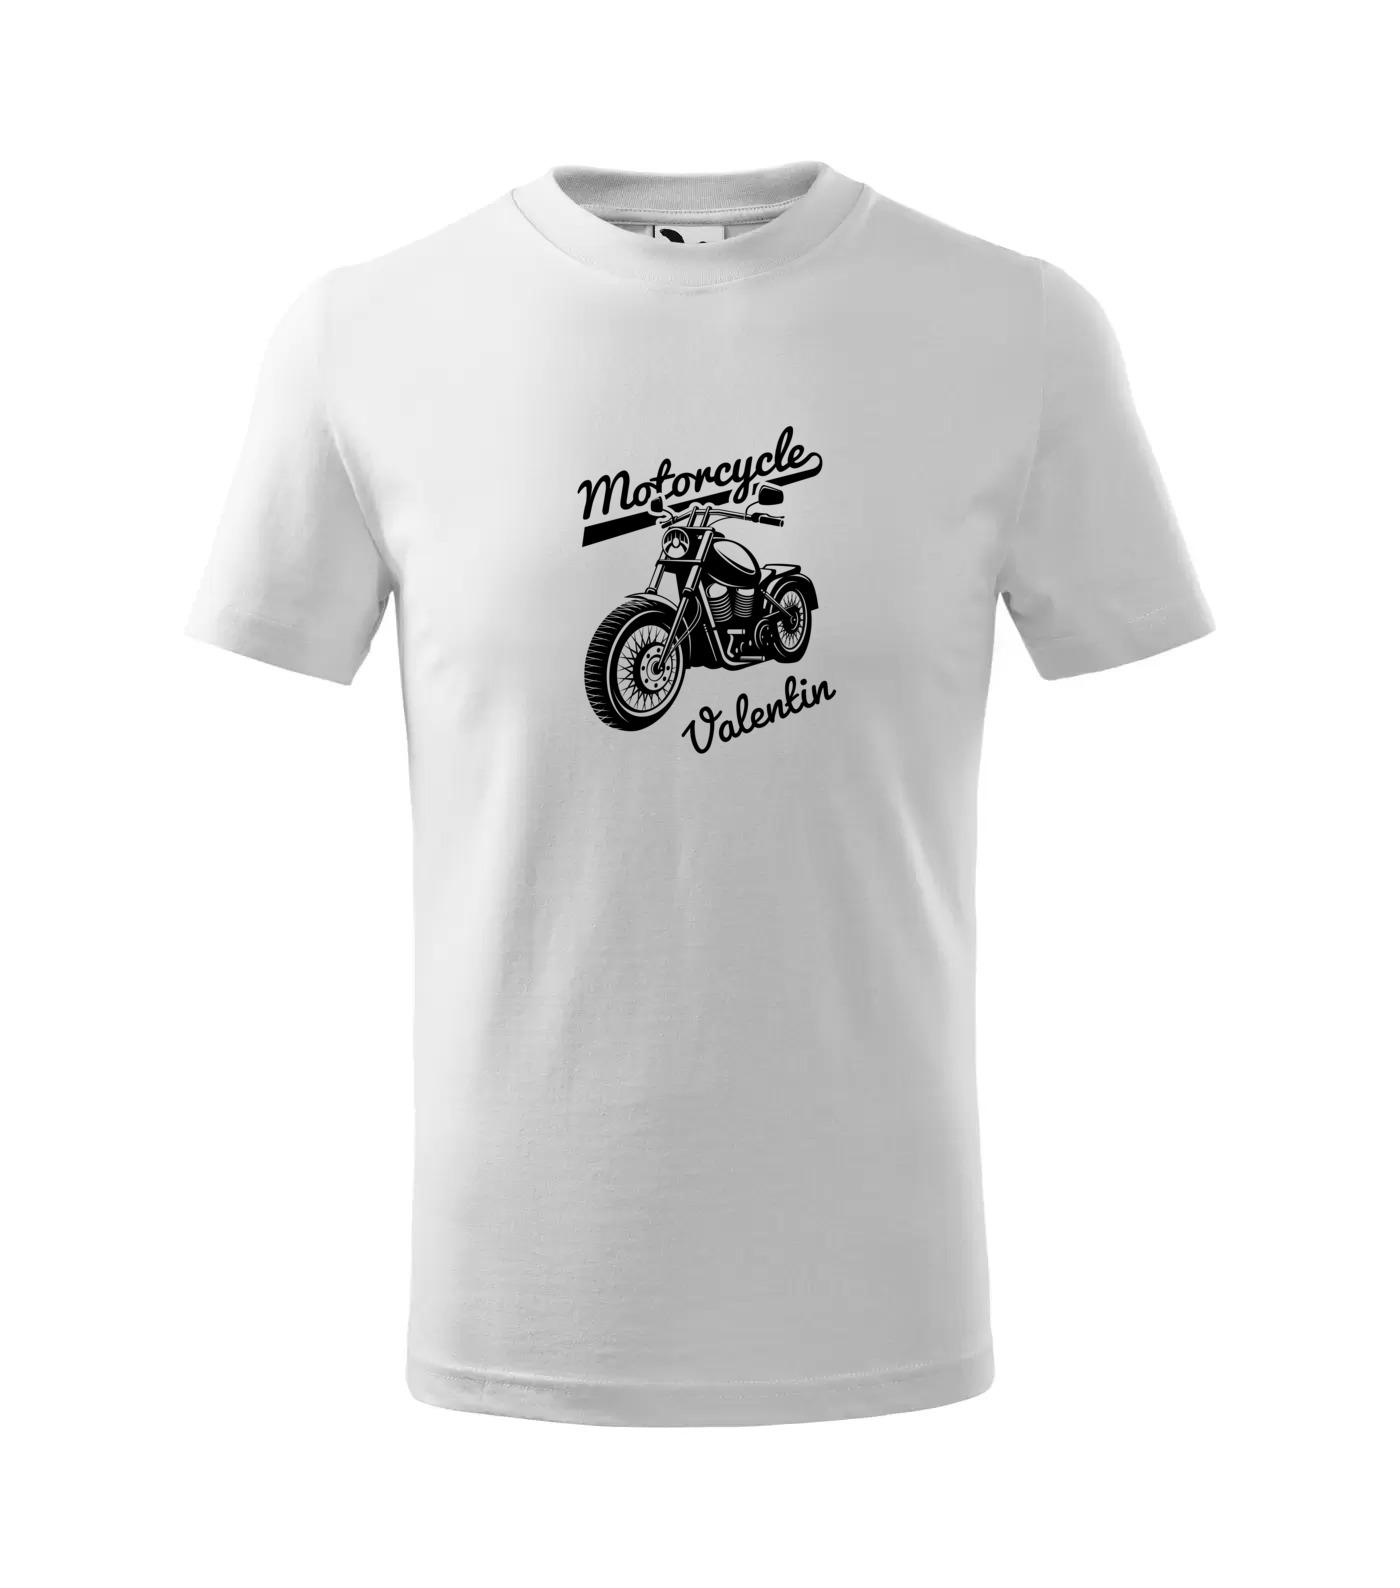 Tričko Motorkář Inverse Valentin